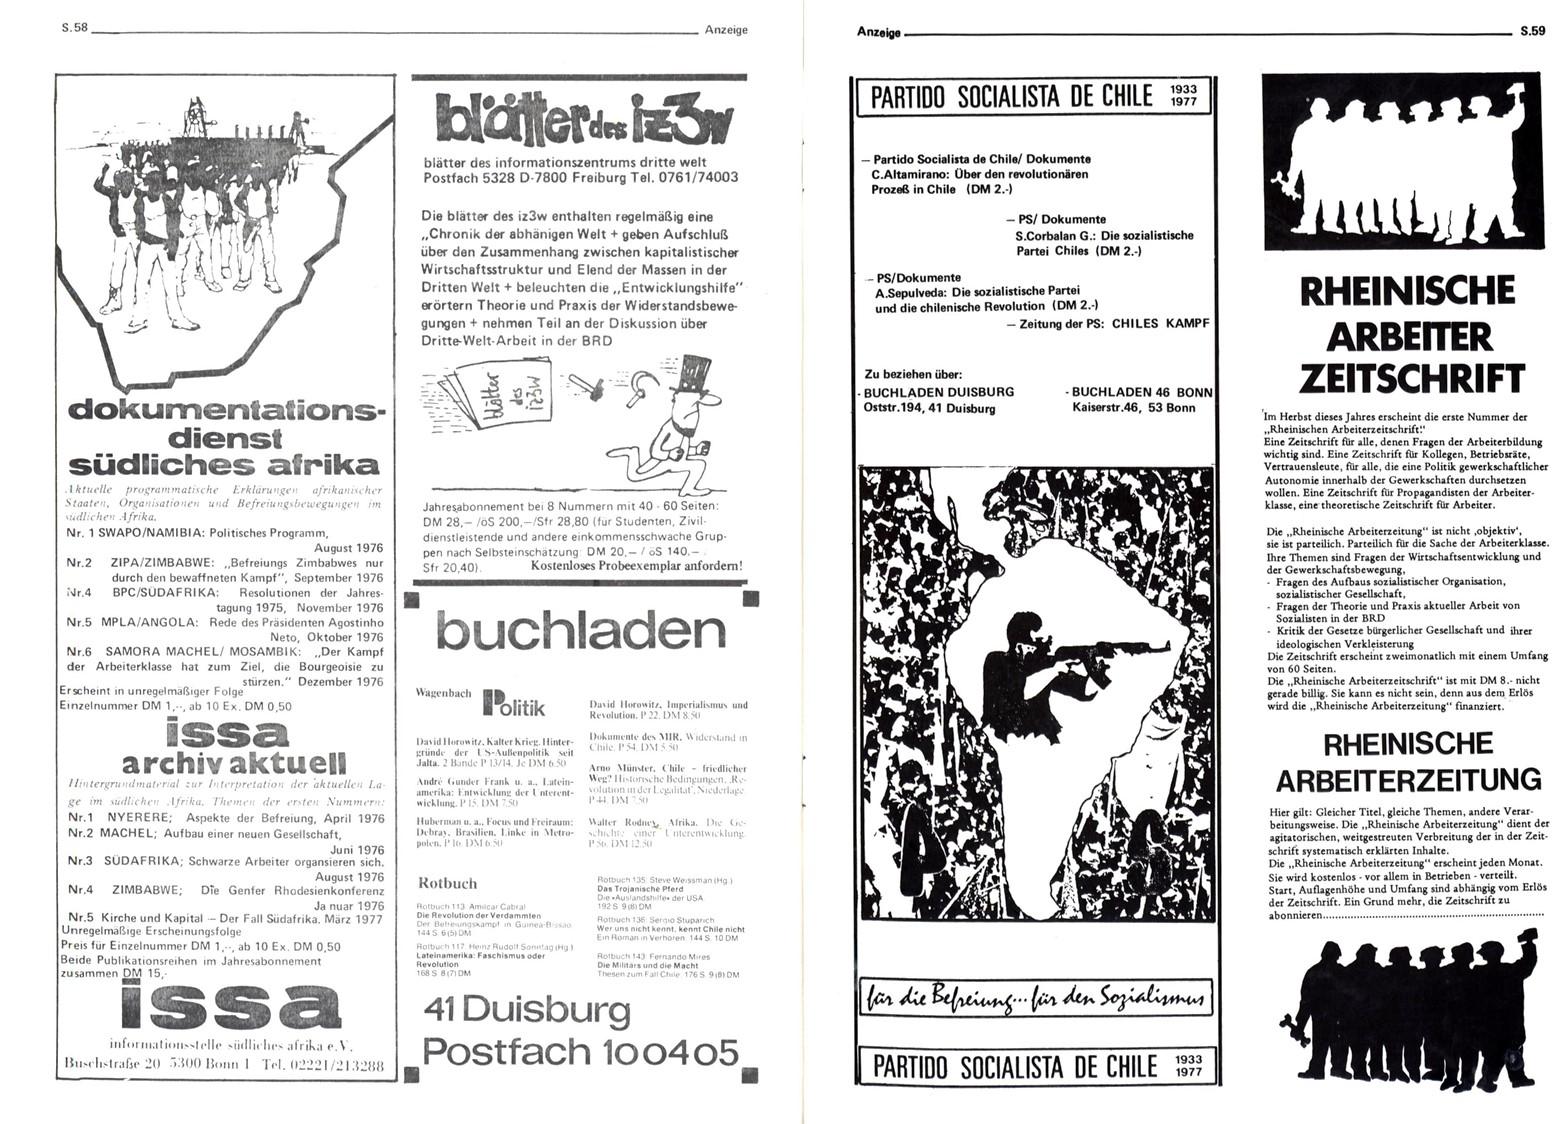 Bonn_ZAFRA_04_19770600_30